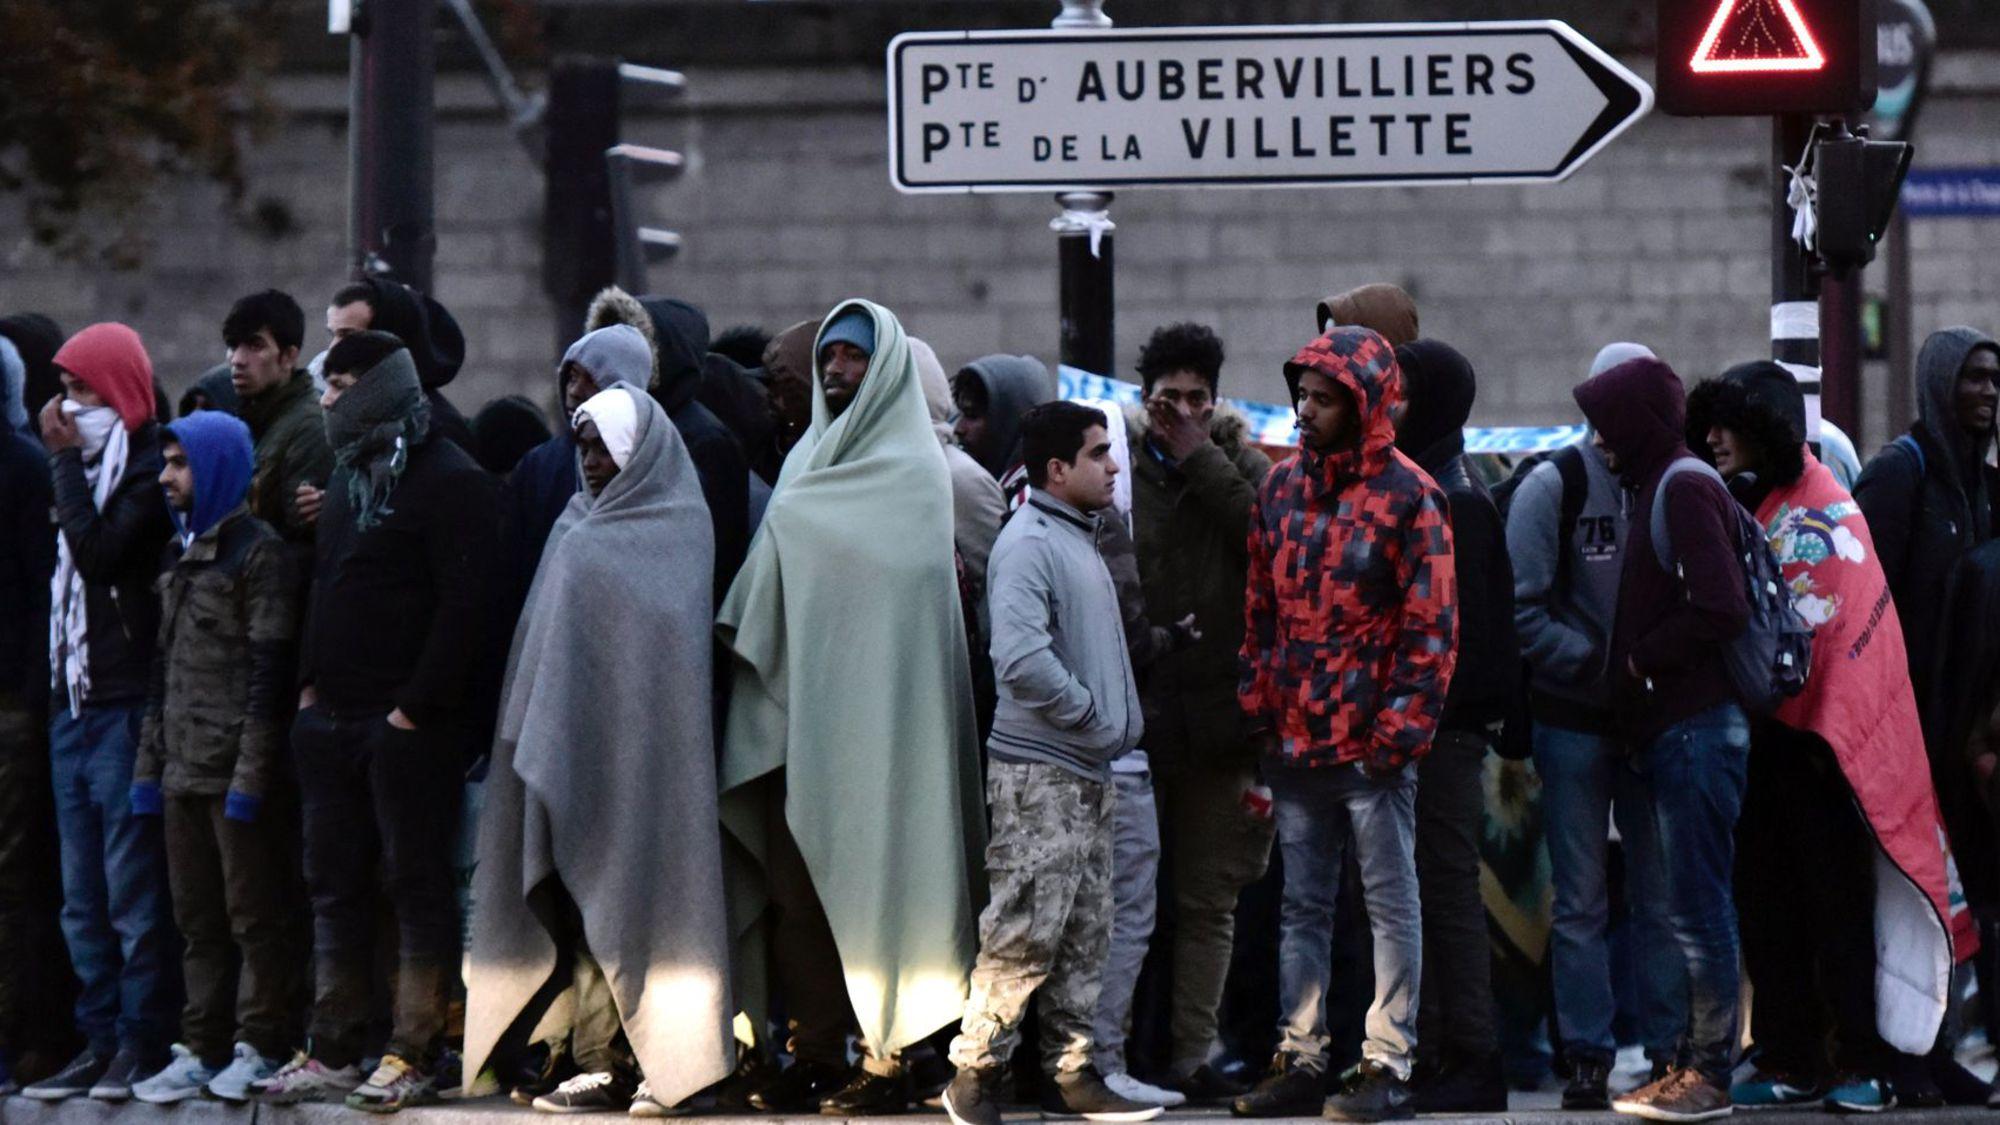 Demandes d'asile : L'Europe épingle la France pour avoir minoré le nombre de migrants demandeurs en France